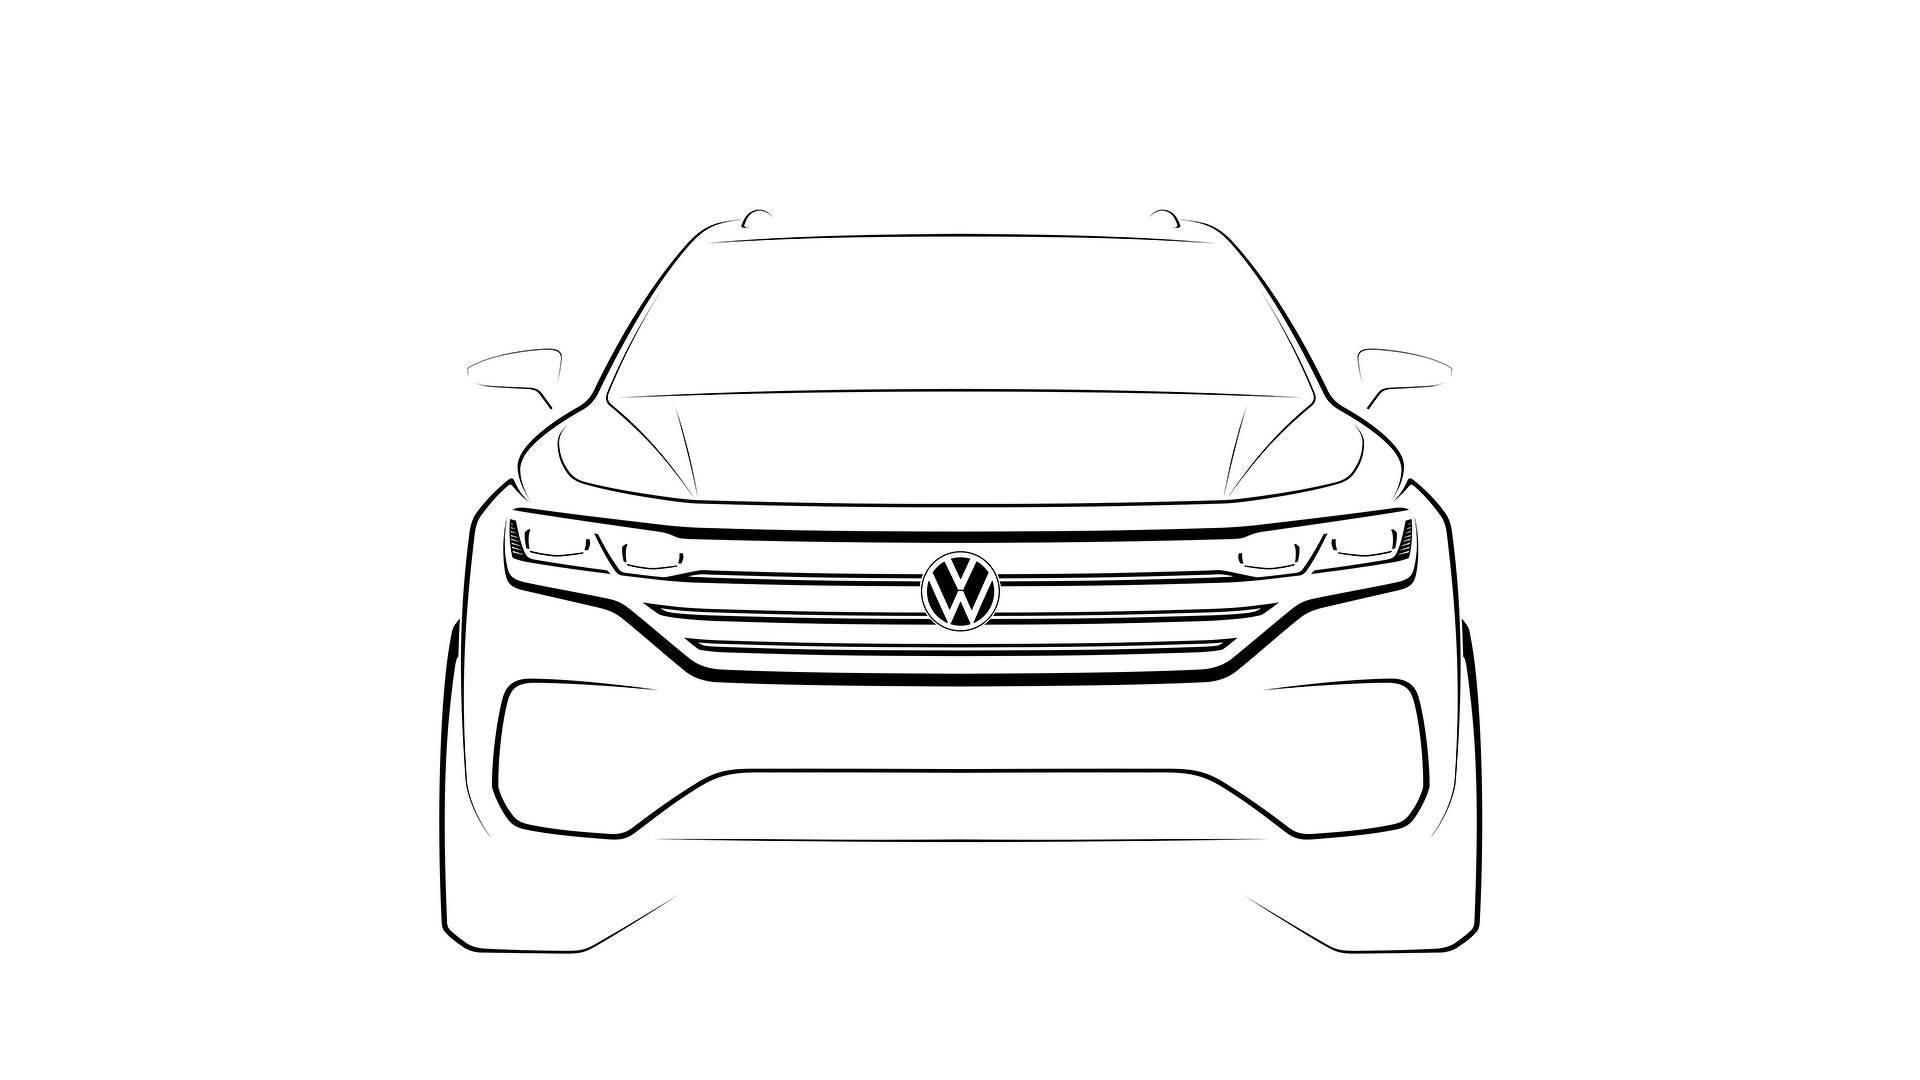 2019-volkswagen-touareg-teaser-sketch-front